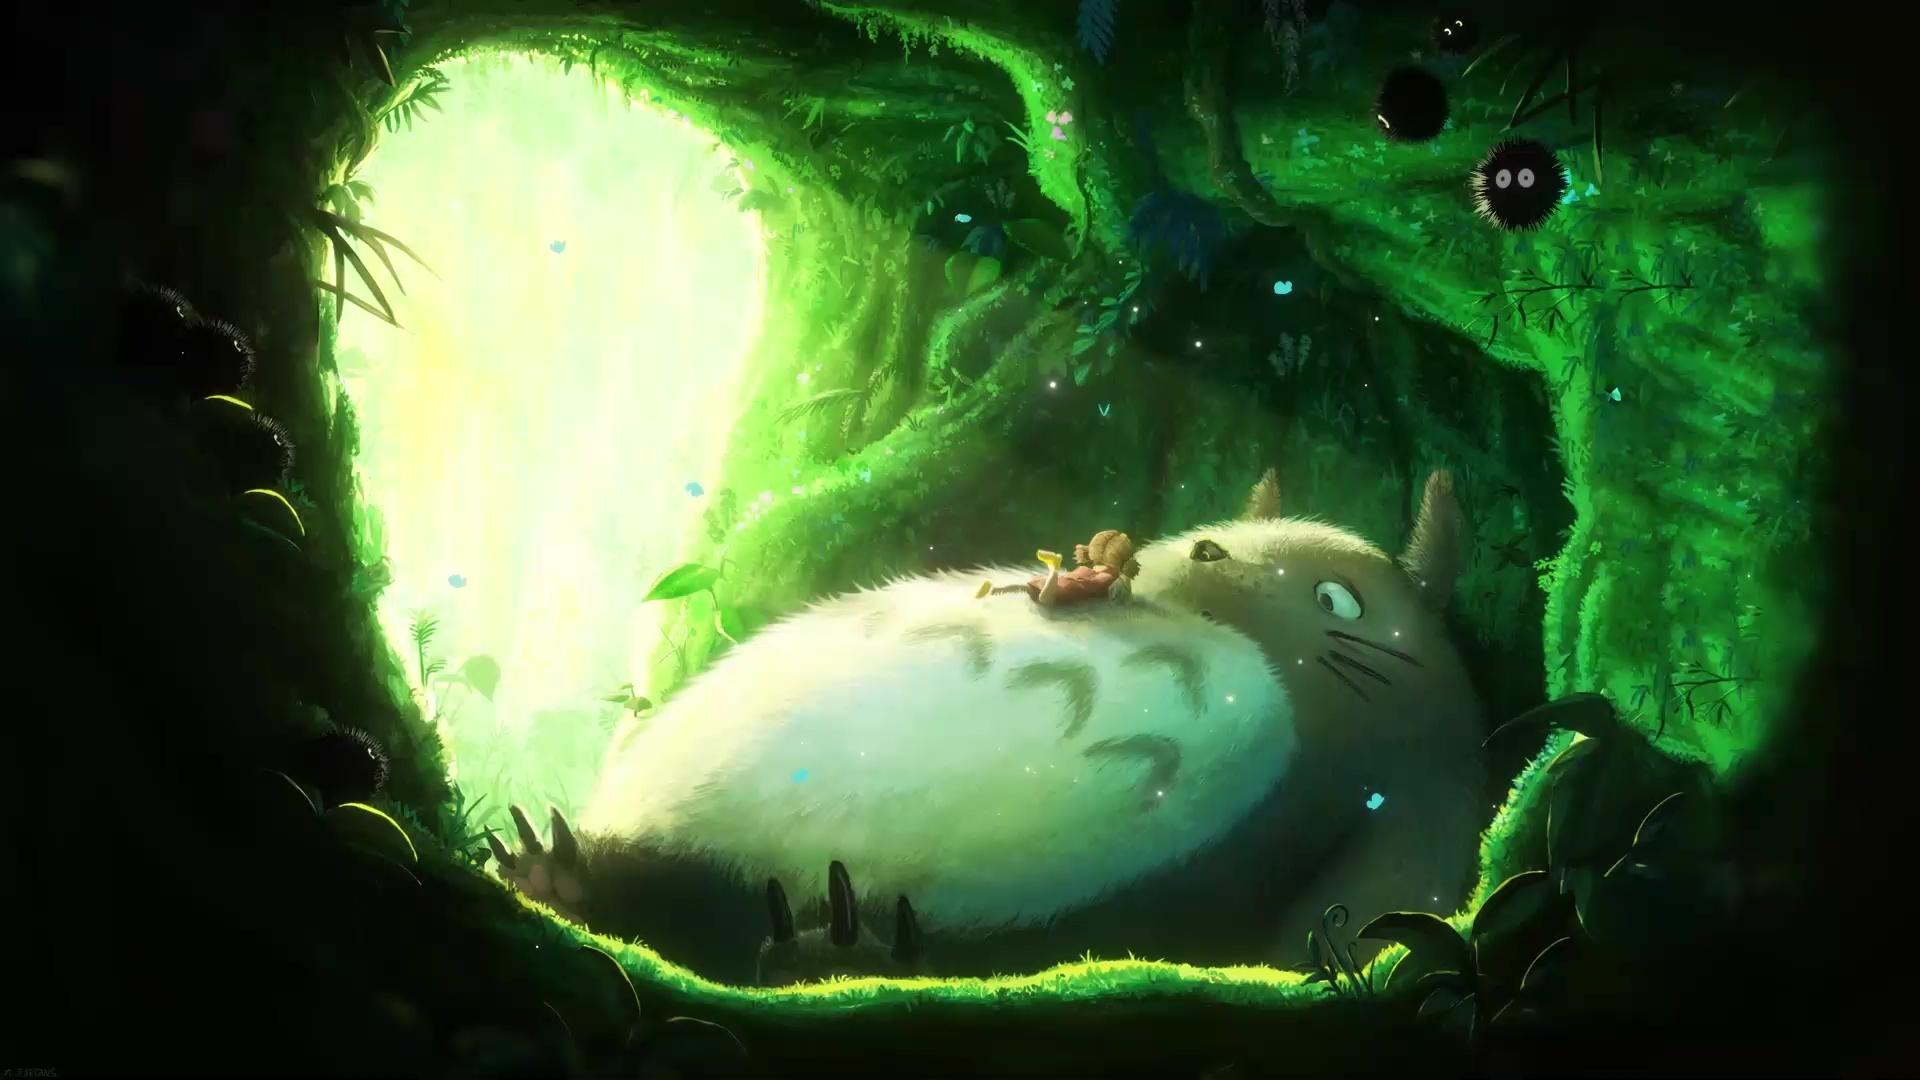 Totoro My Neighbor Totoro Live Wallpaper Wallpaperwaifu